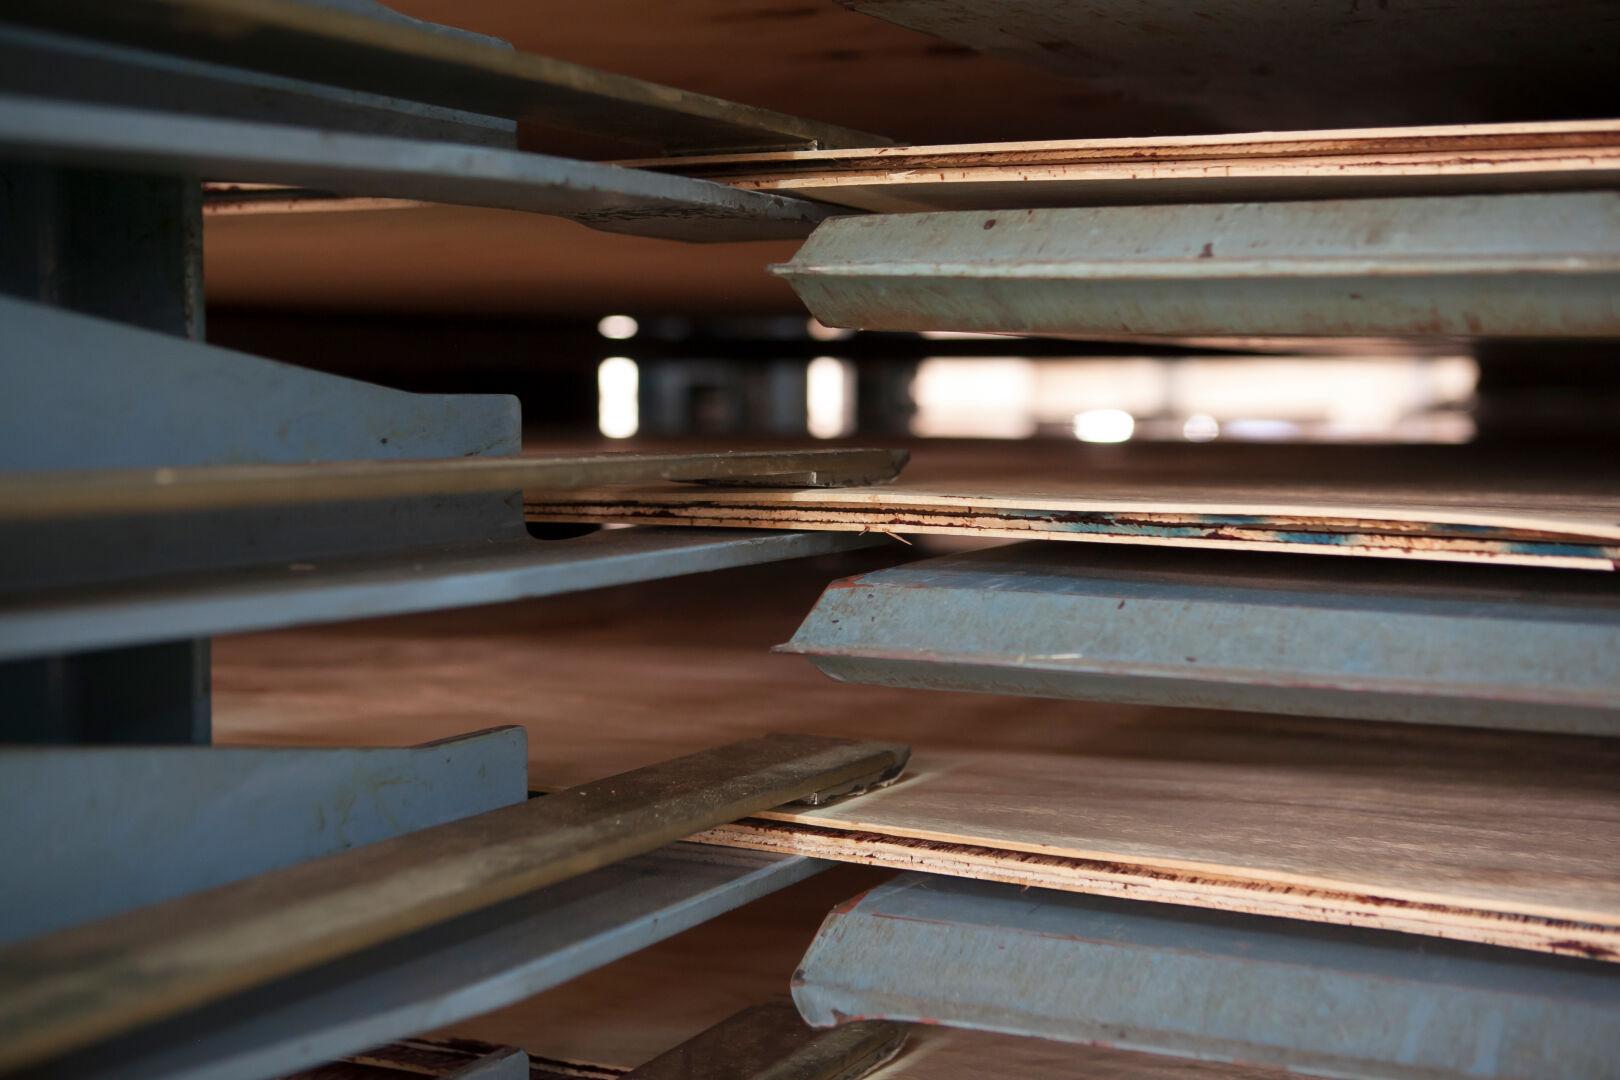 胶合板压制 R7 上木机